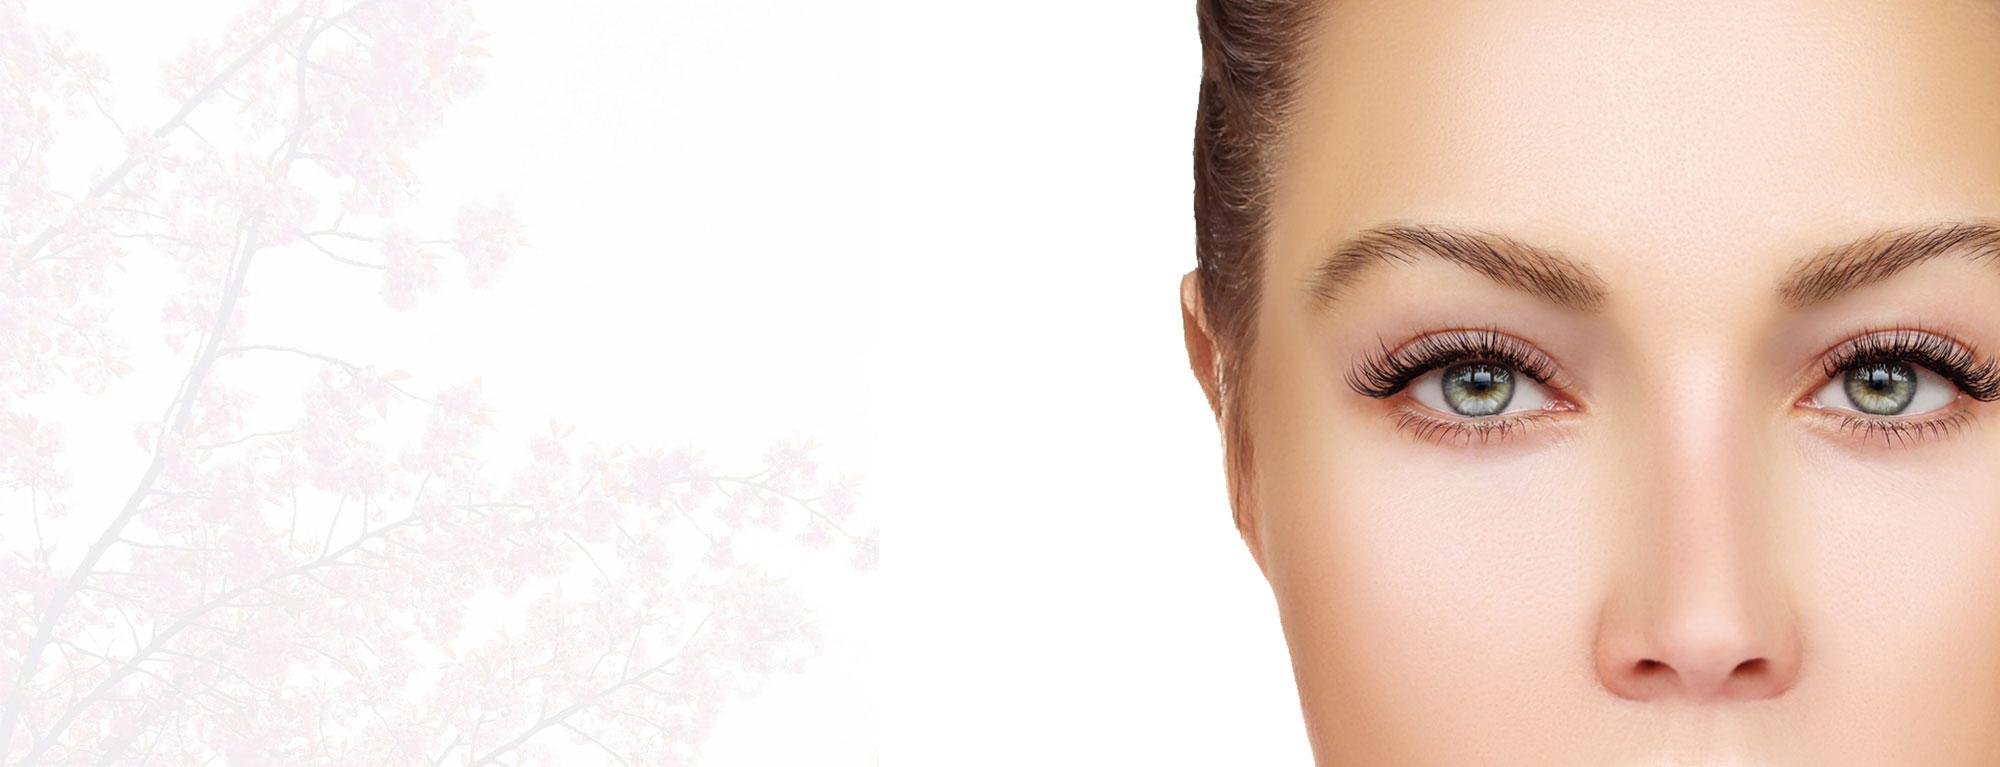 Beauty Plus Salon in Ballston - Eyebrow Threading ...